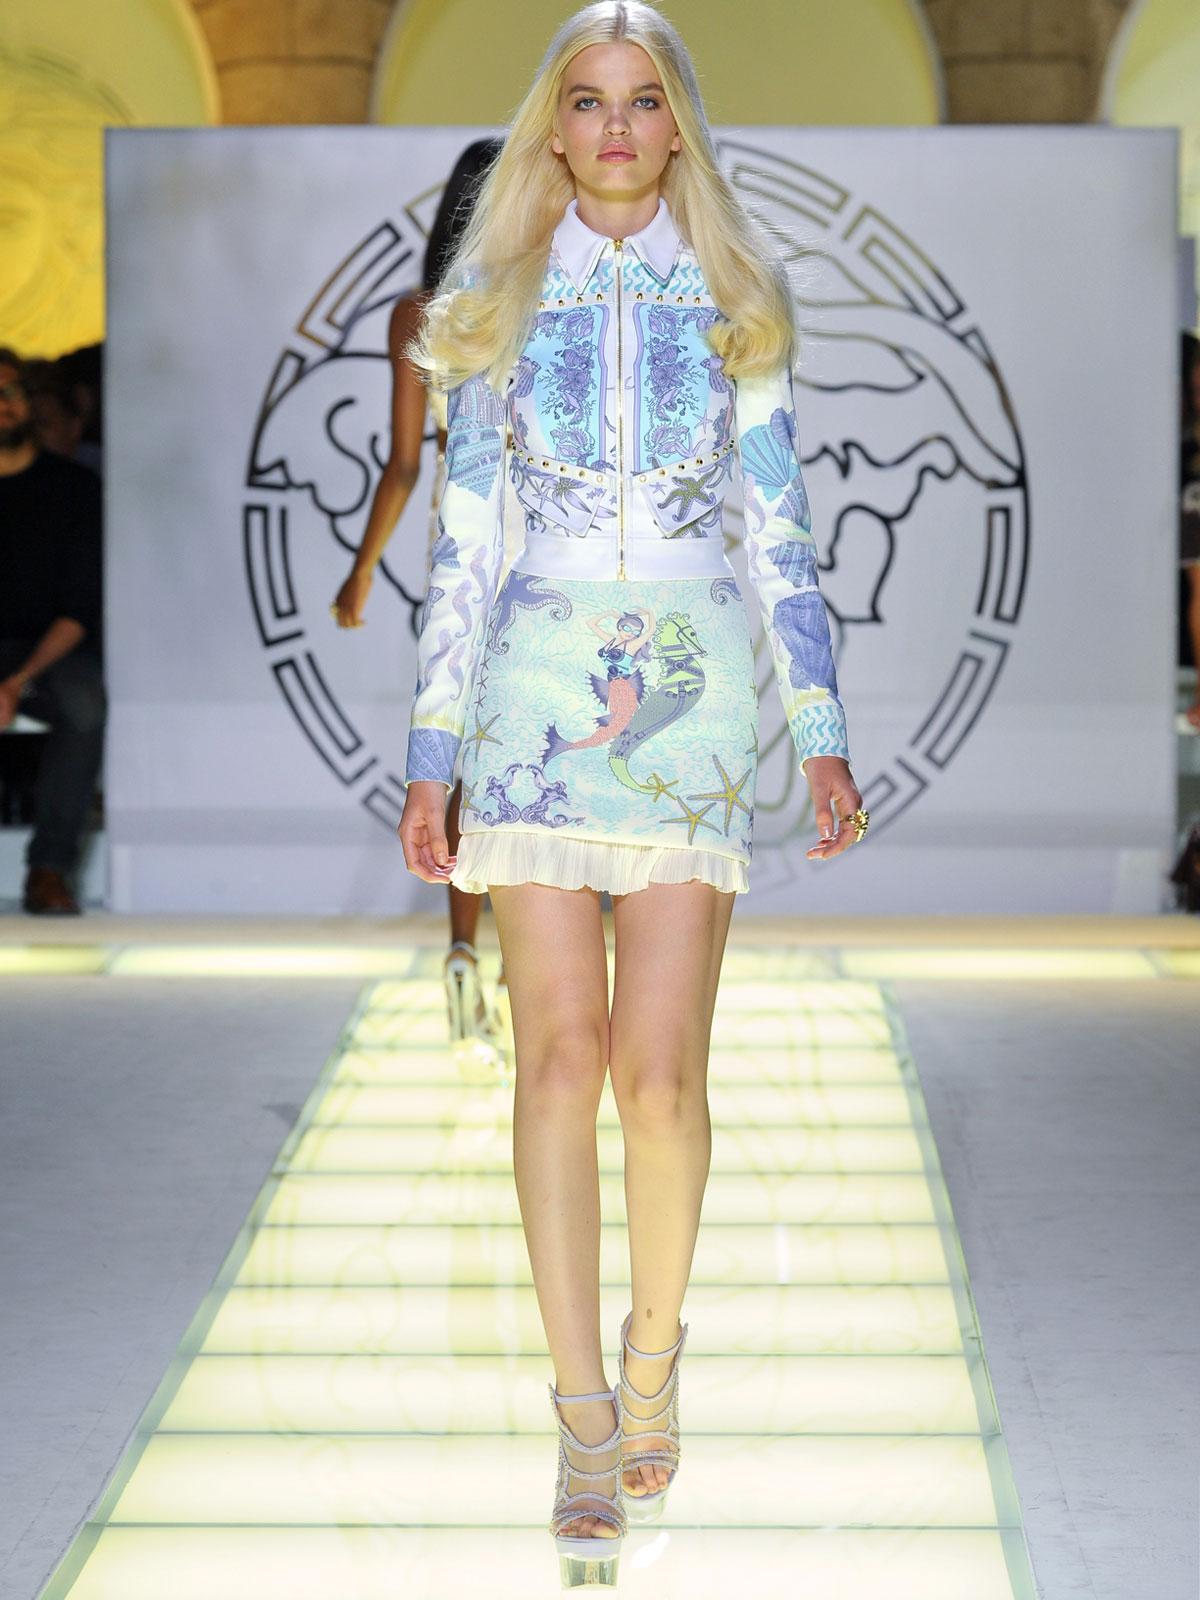 http://3.bp.blogspot.com/-wcHcJH8DpTQ/T2YdgEeekeI/AAAAAAAAems/I5hYGhRR21w/s1600/Versace++Spring+Summer+2012+Fashion+Show-izandrew+%287%29.jpg